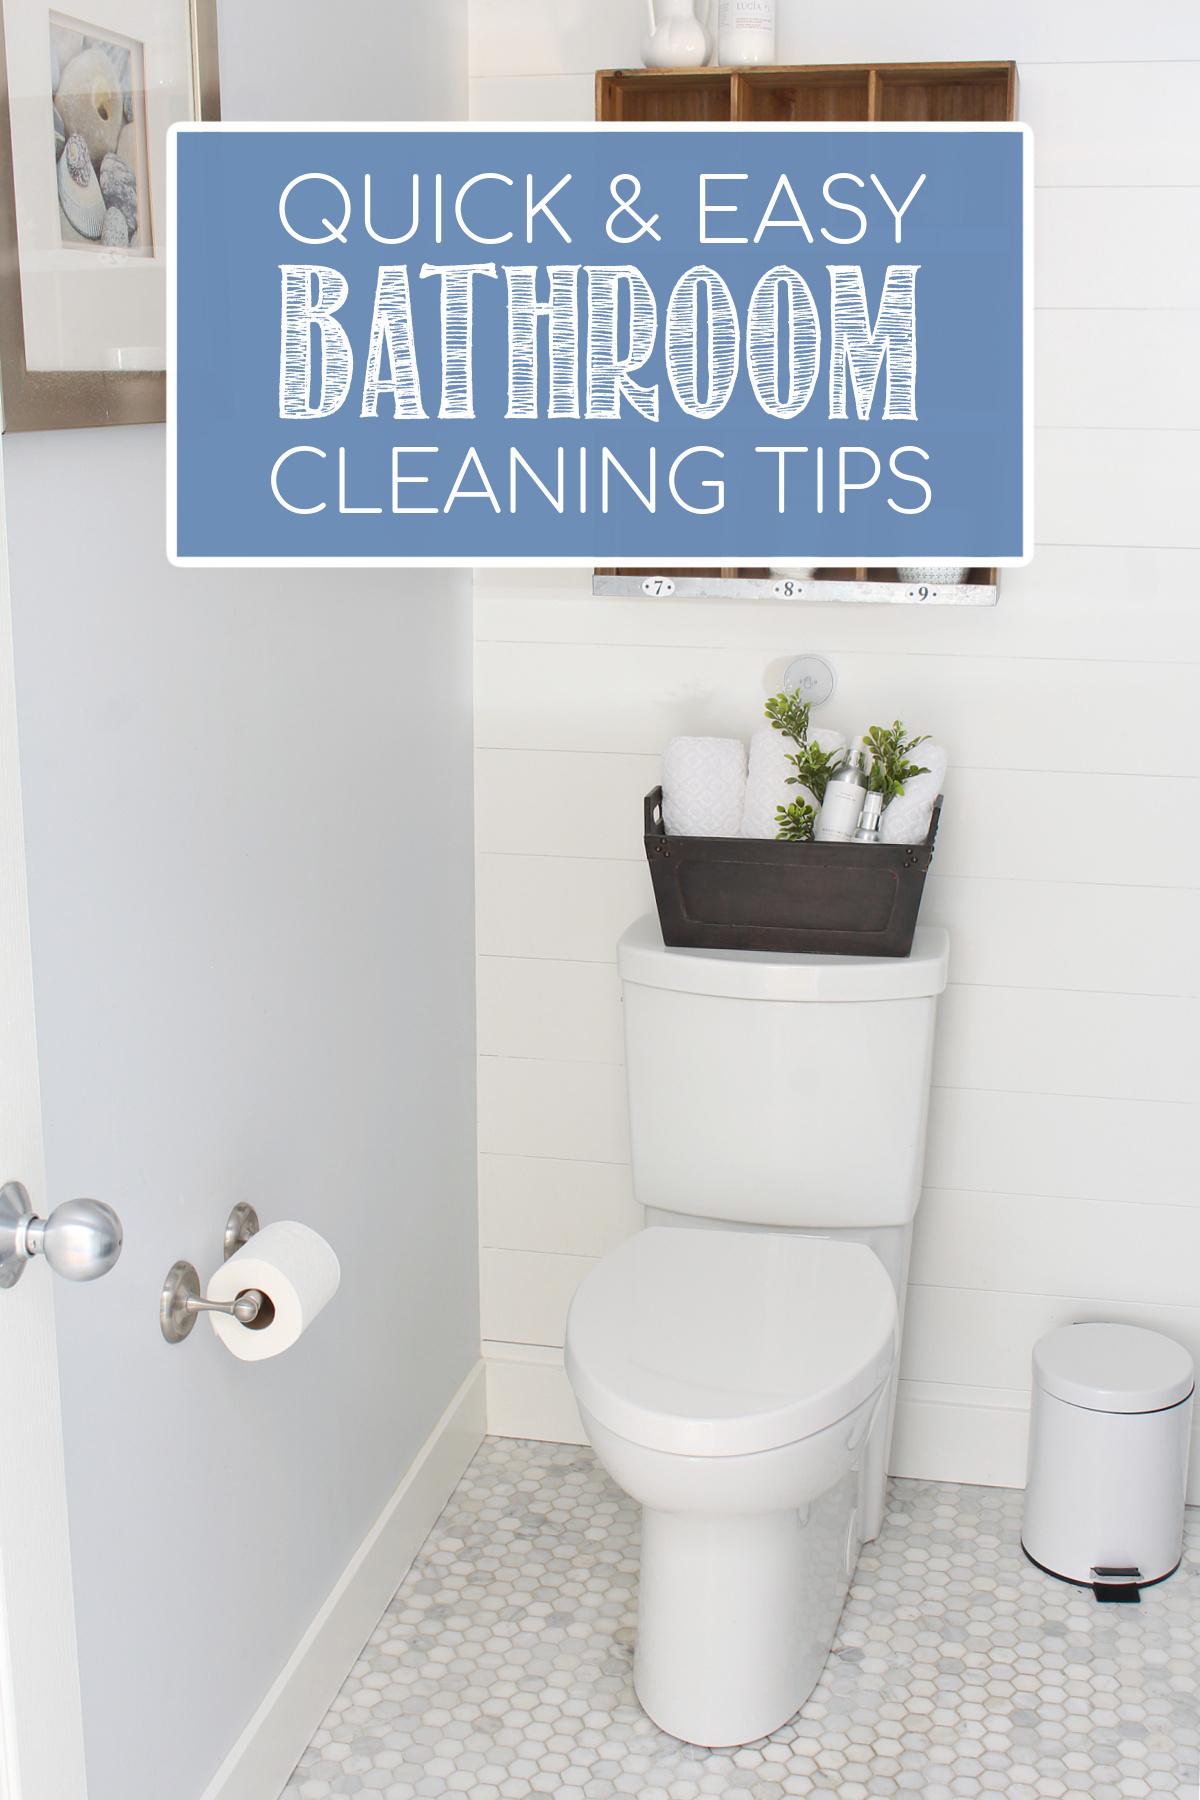 Farmhouse style bathroom with touchless flush toilet.